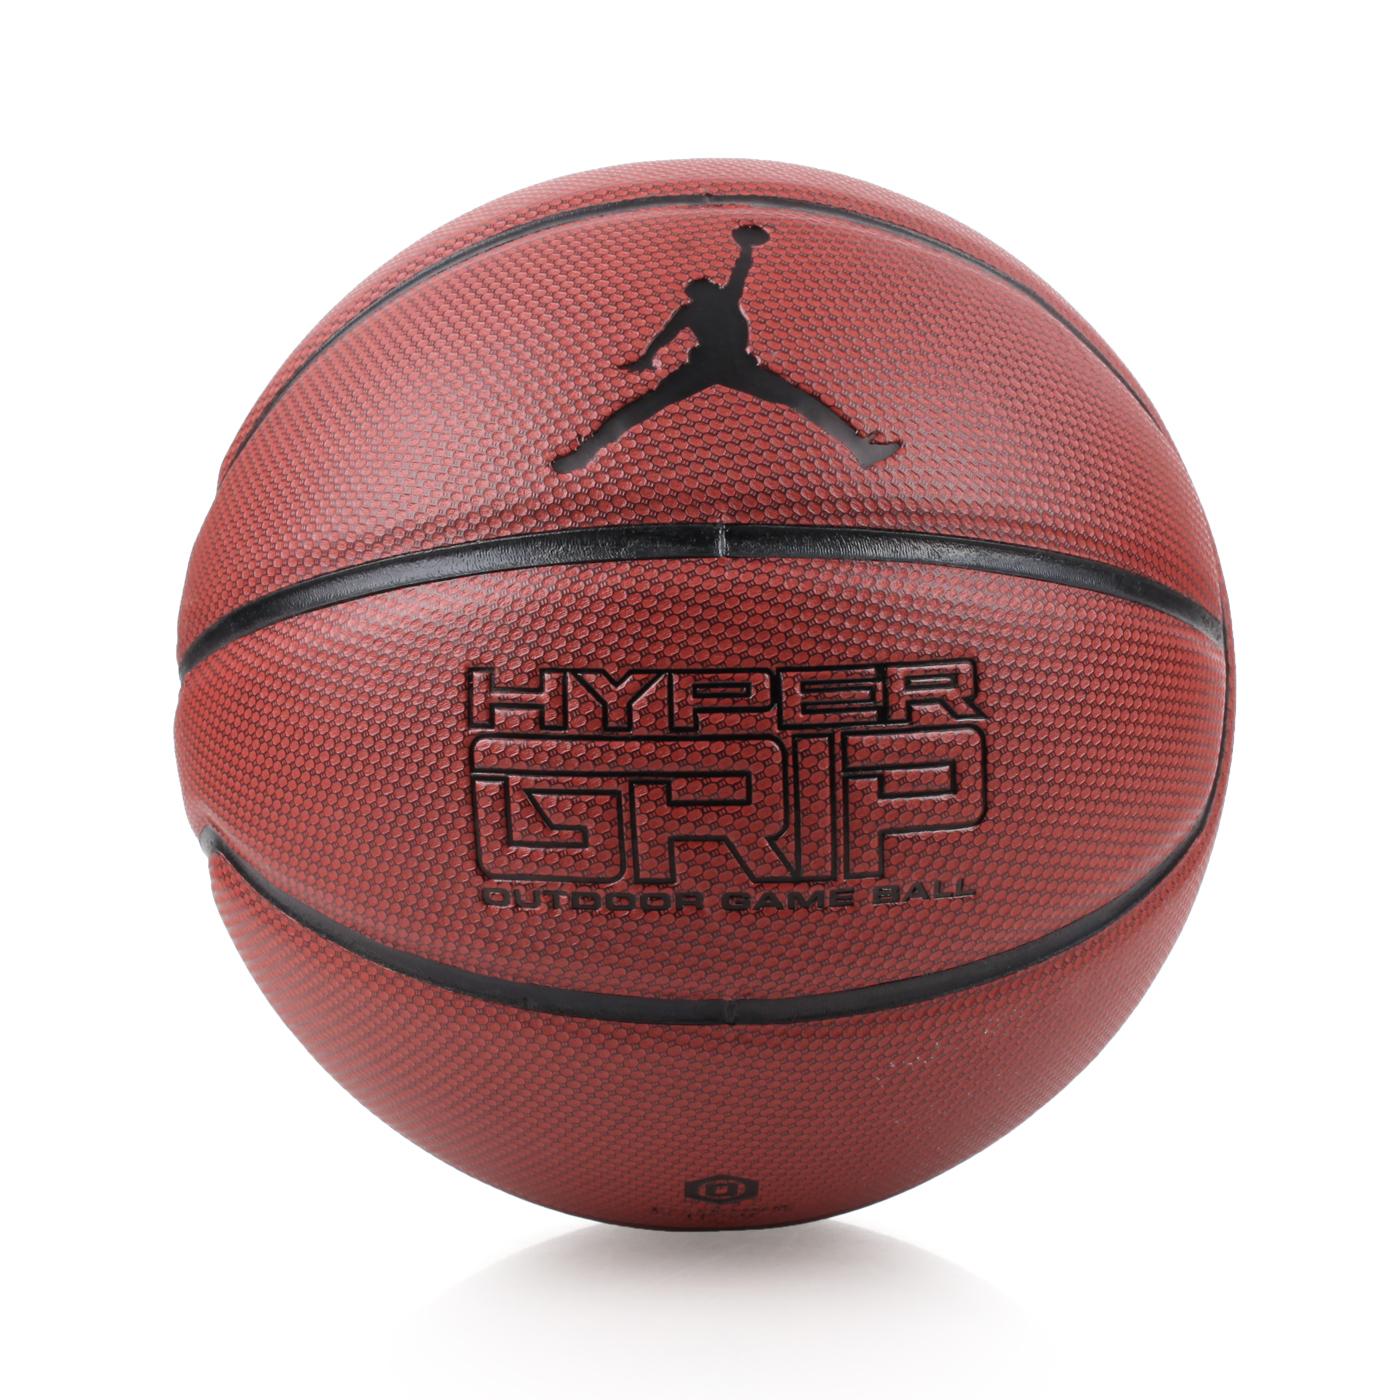 NIKE JORDAN HYPER GRIP 7號籃球 JKI0185807